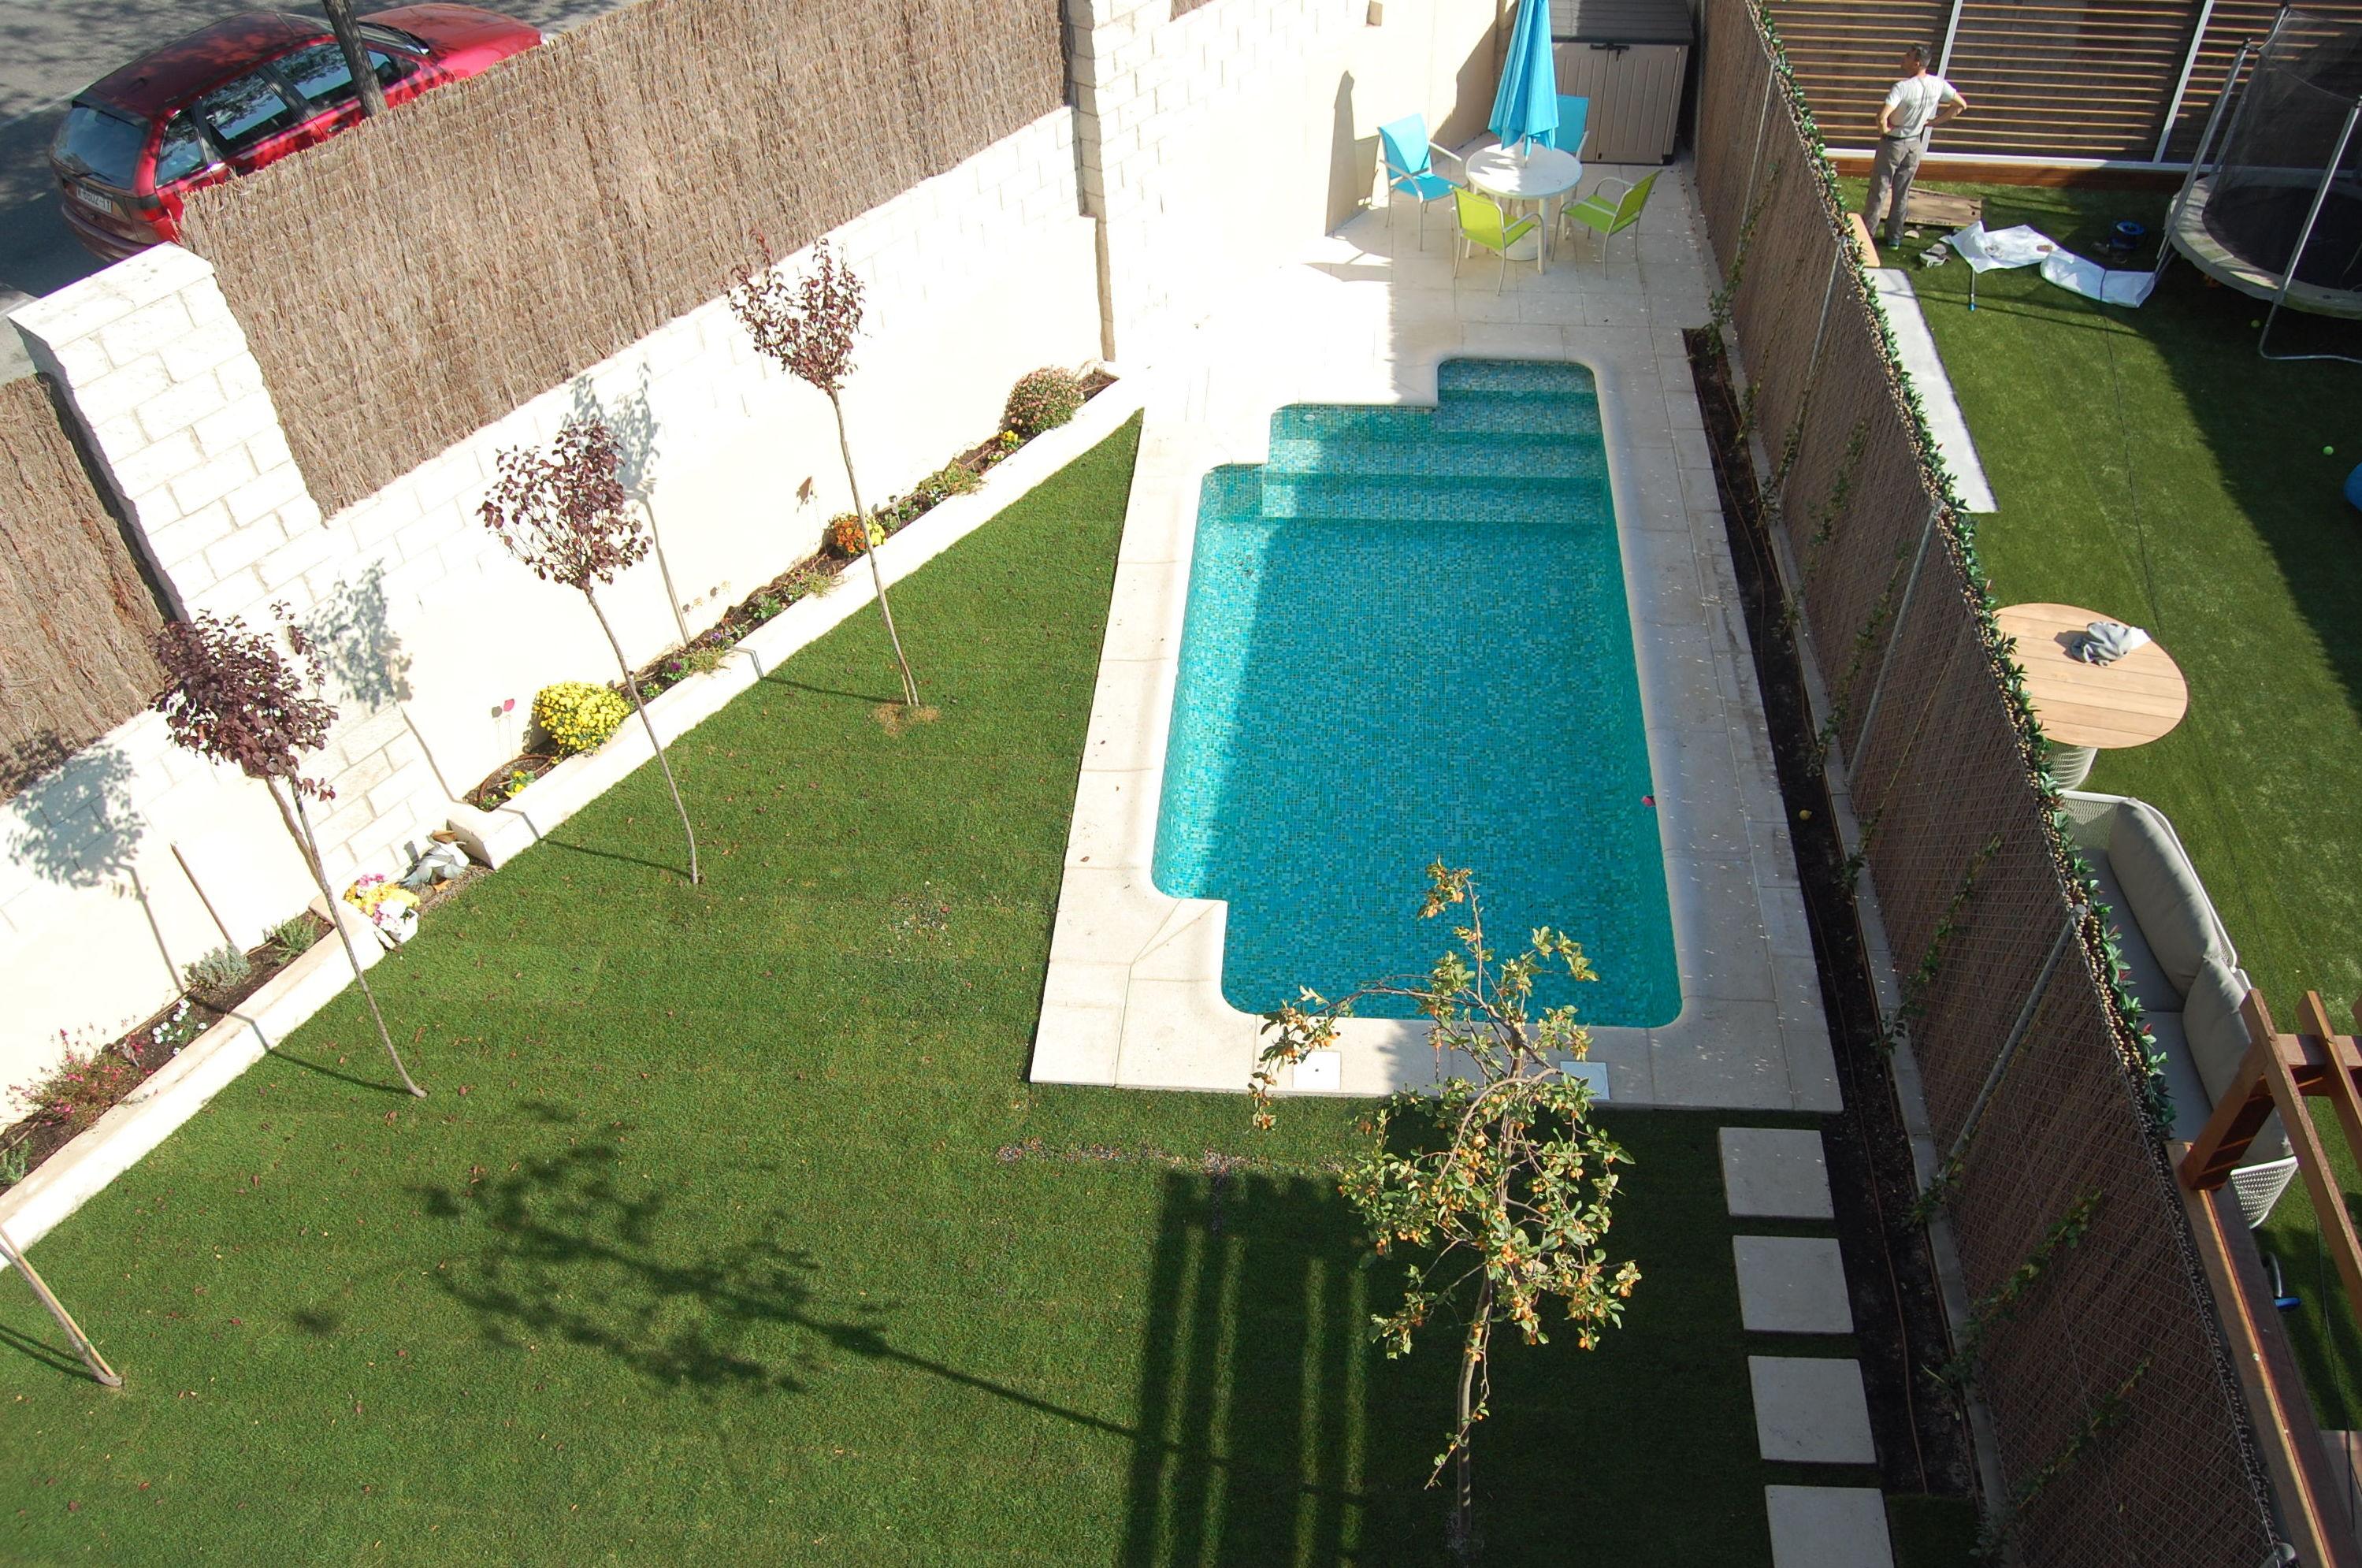 Foto 24 de piscinas instalaci n y mantenimiento en san - Spa san sebastian de los reyes ...